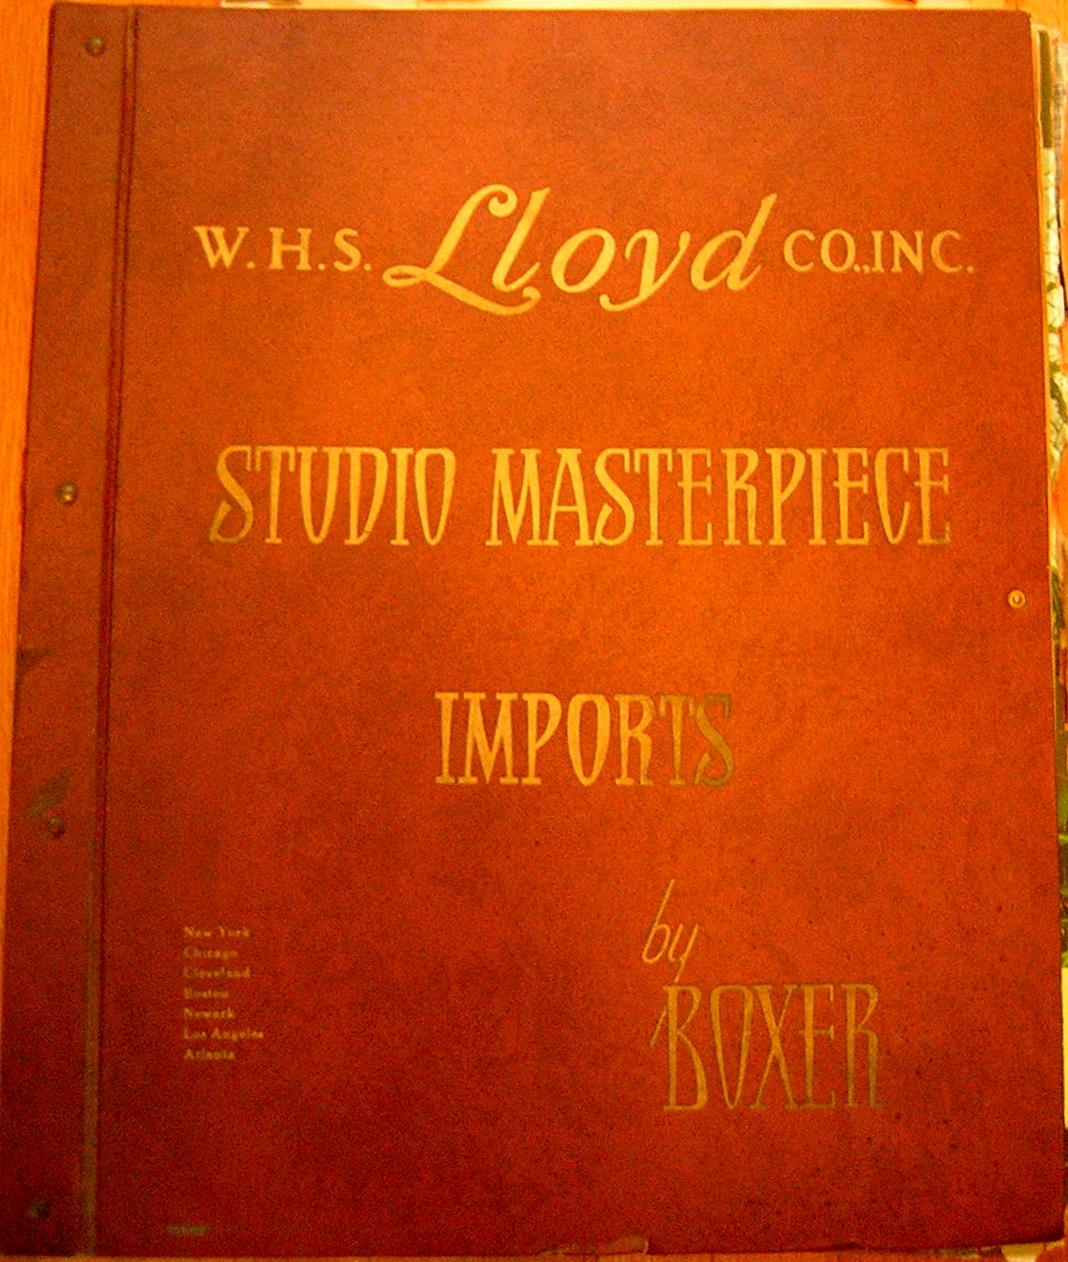 http://4.bp.blogspot.com/-hZZJ_tqpi80/TqR_PehxU1I/AAAAAAAAADM/thPKQSny4u4/s1600/Vintage+wallpaper+book.JPG